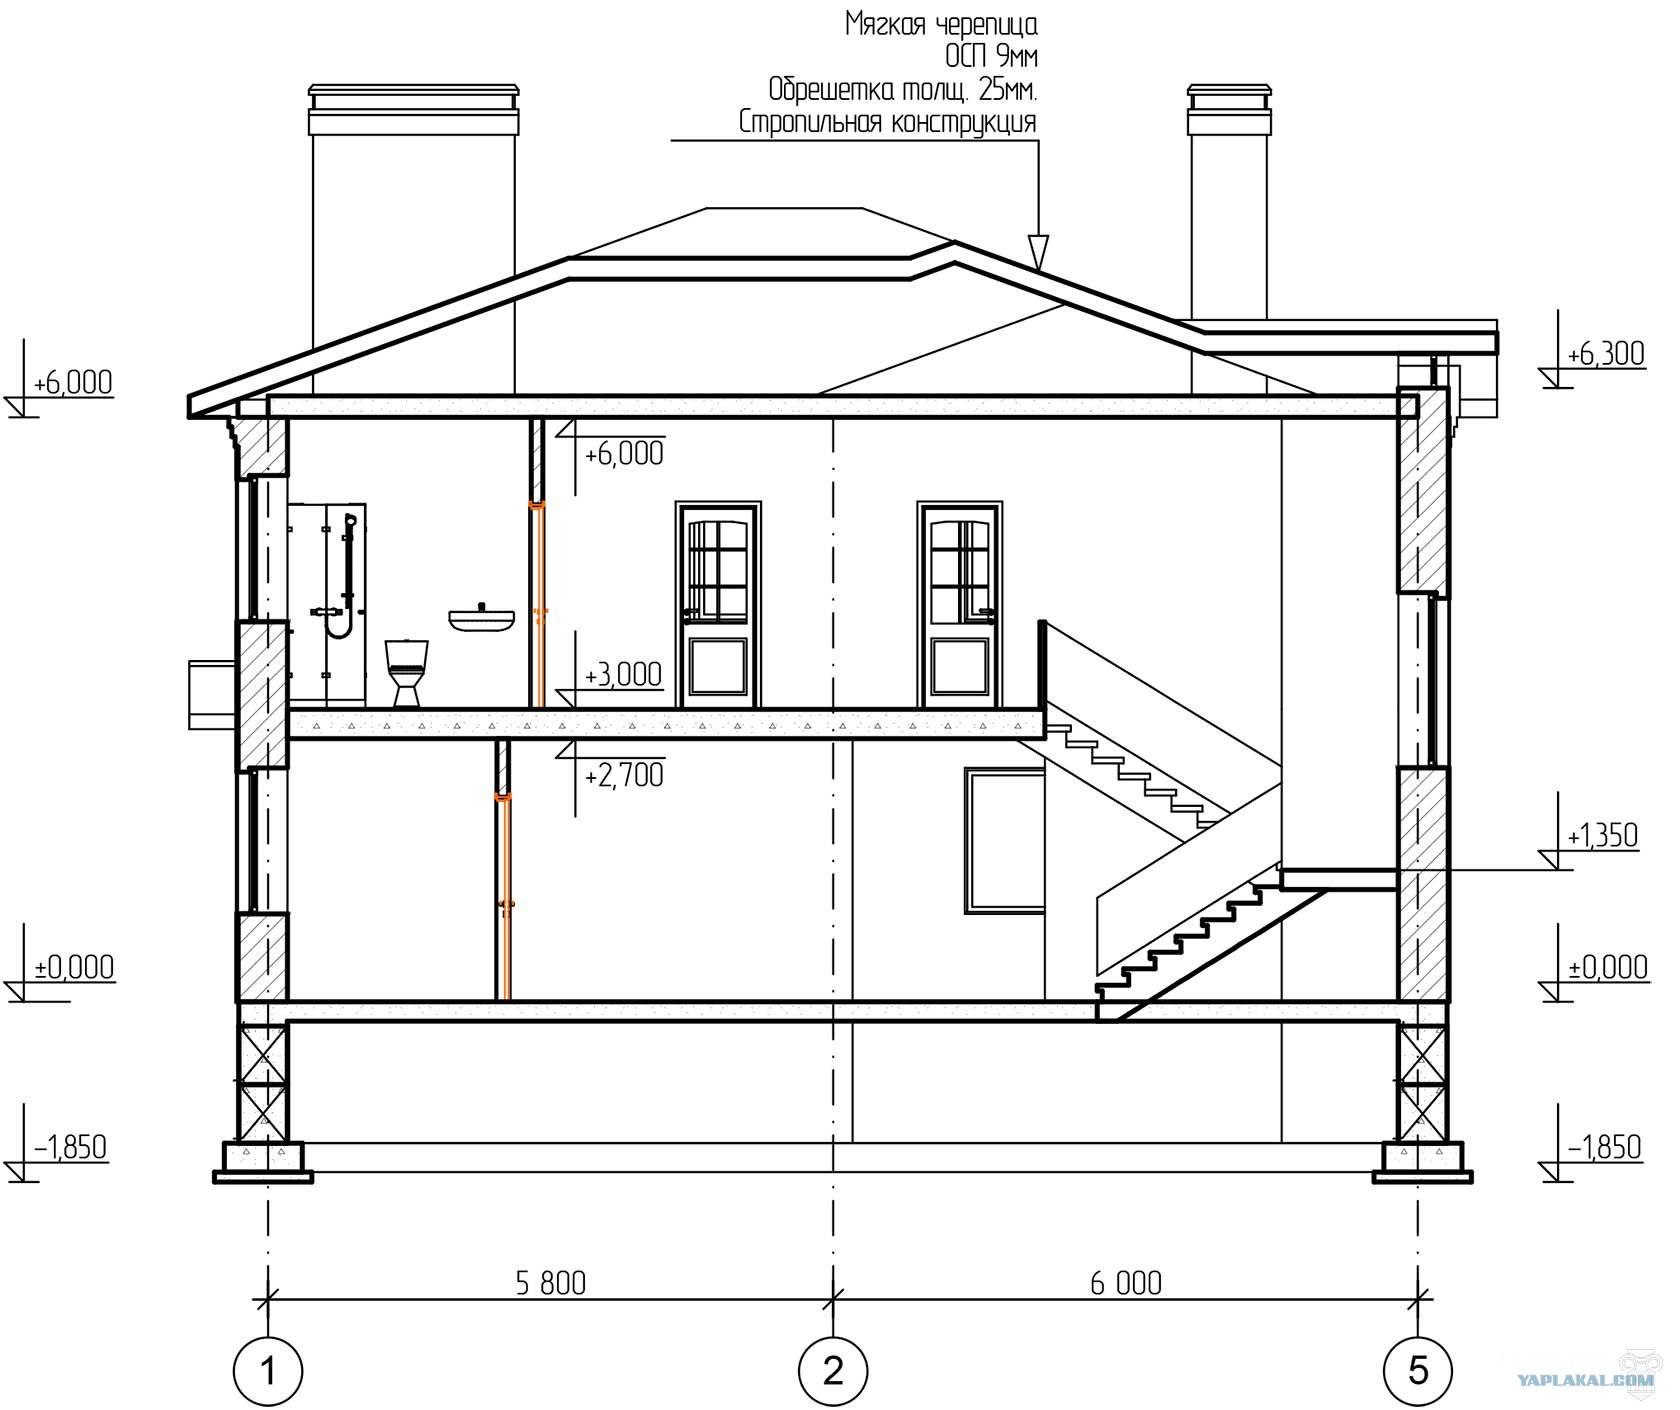 размеры домов на чертежах в картинках адлер равнинном